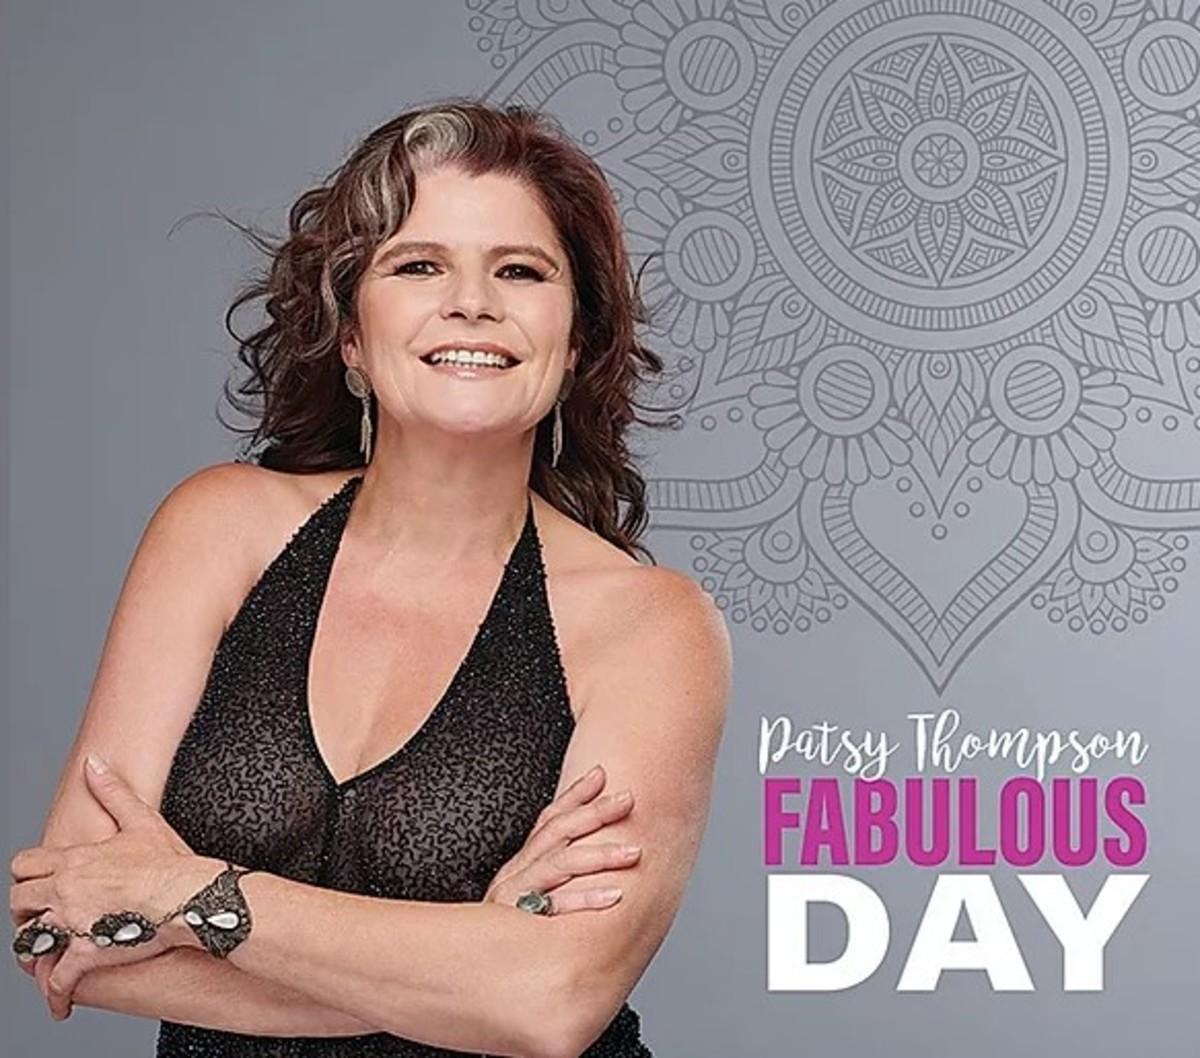 Patsy Fabulous